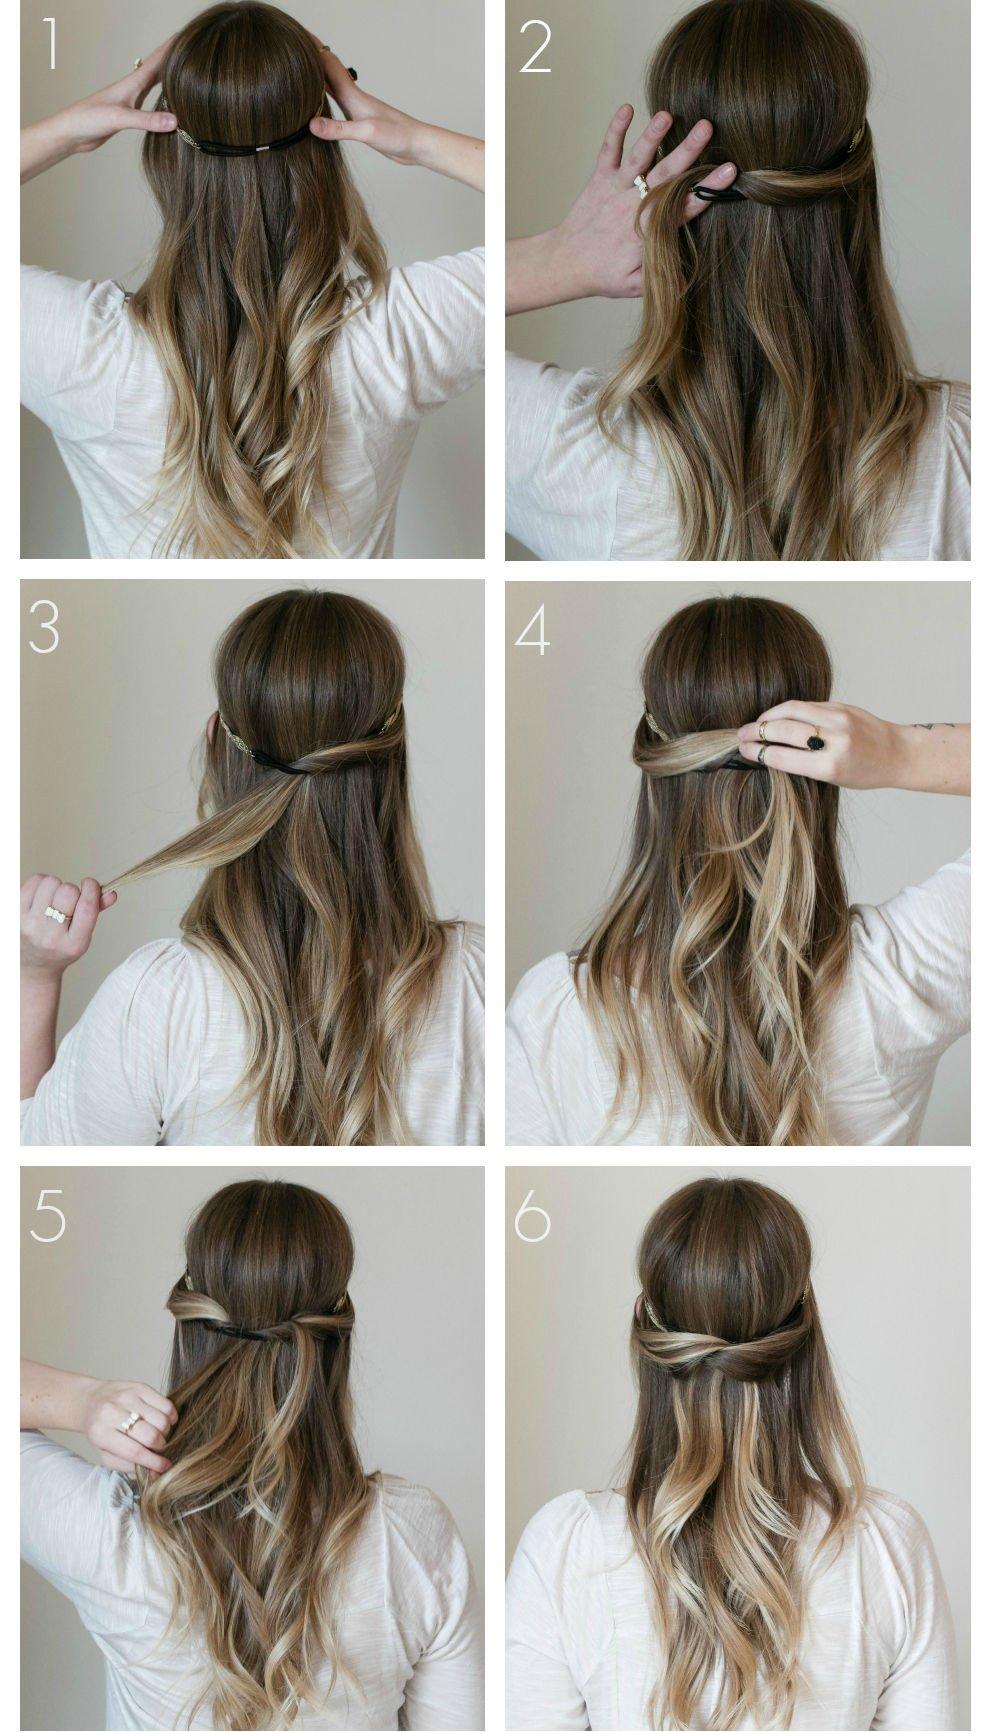 Sencillas y r pidas maneras de peinar tu cabello con estilo - Que hacer de cenar rapido y facil ...